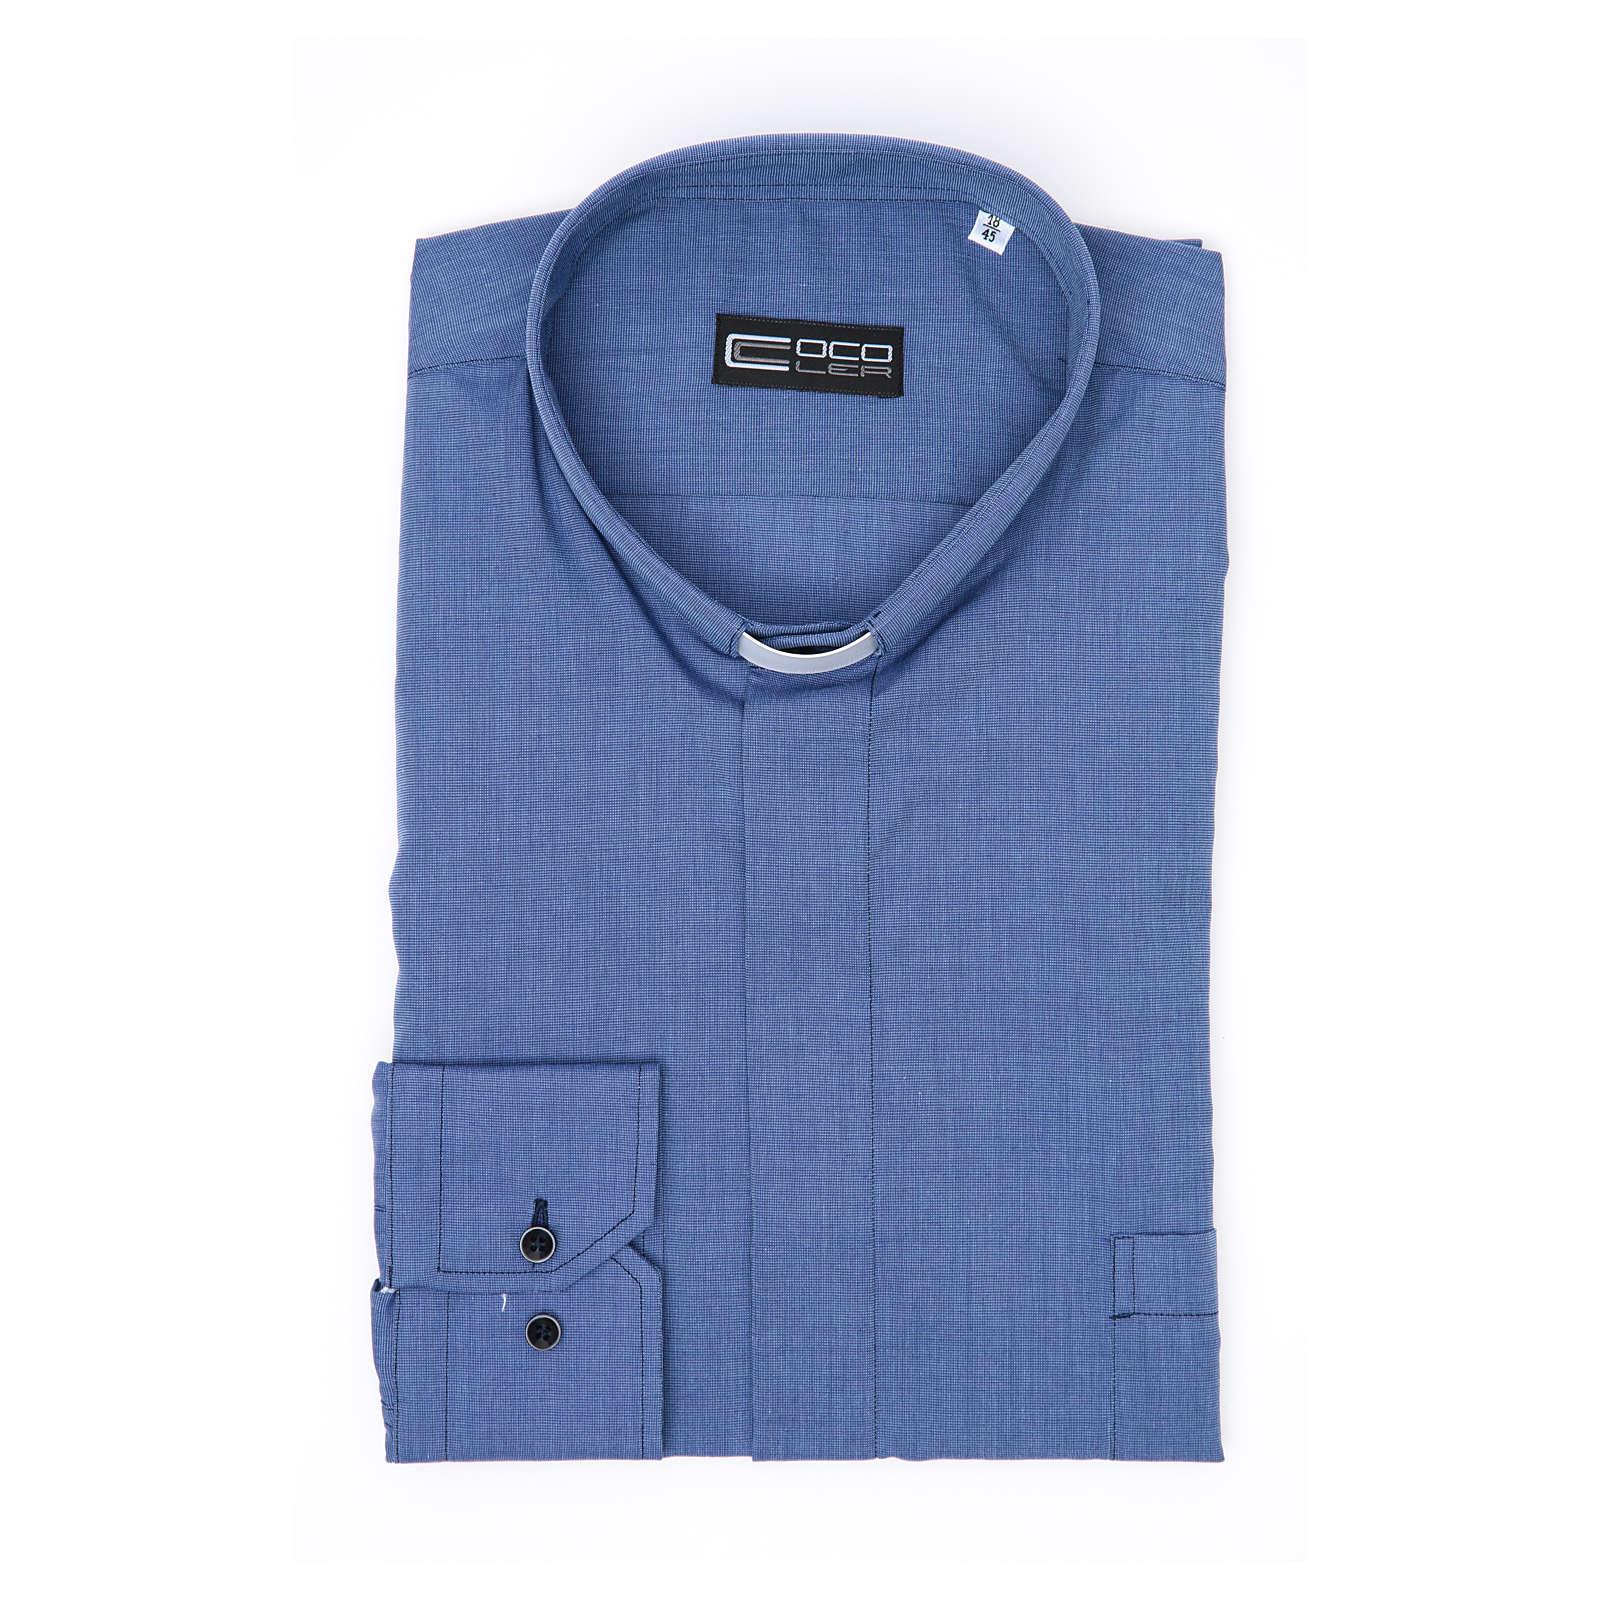 Koszula kapłańska długi rękaw, bawełna mieszana niebieska 4